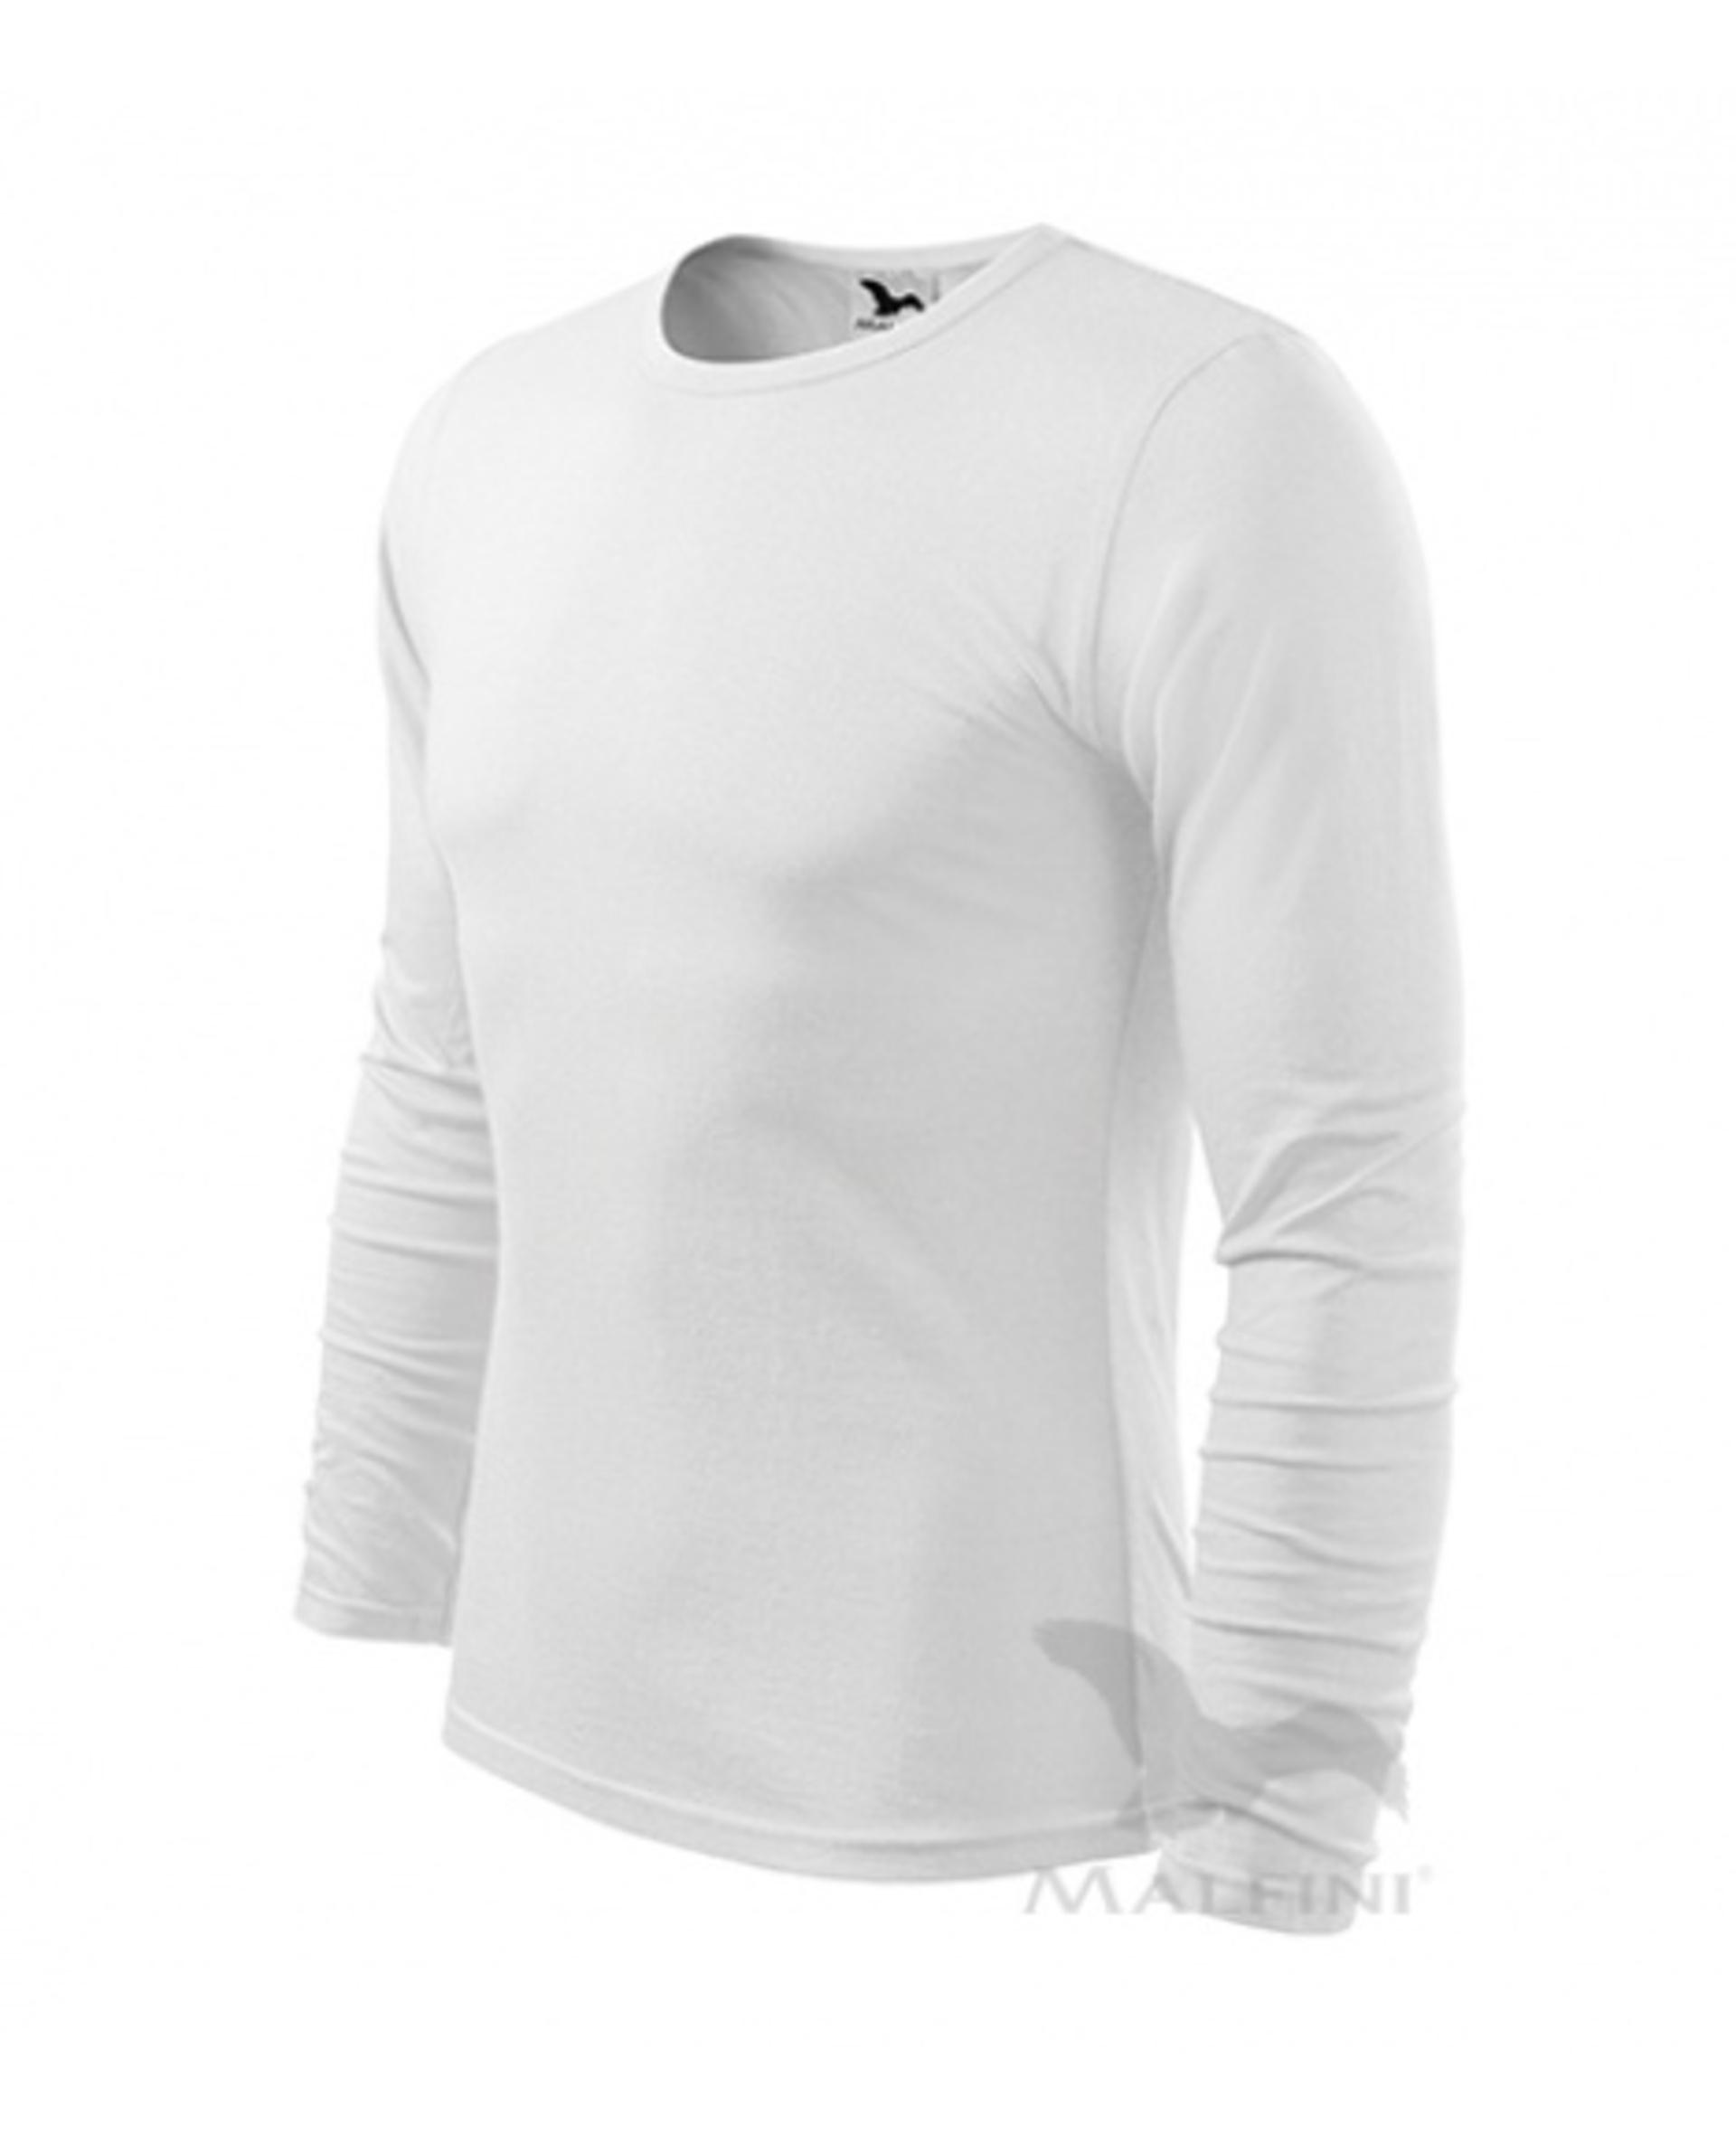 ADLER FIT-T LONG SLEEVE pánské dlouhý rukáv Tričko bílá M